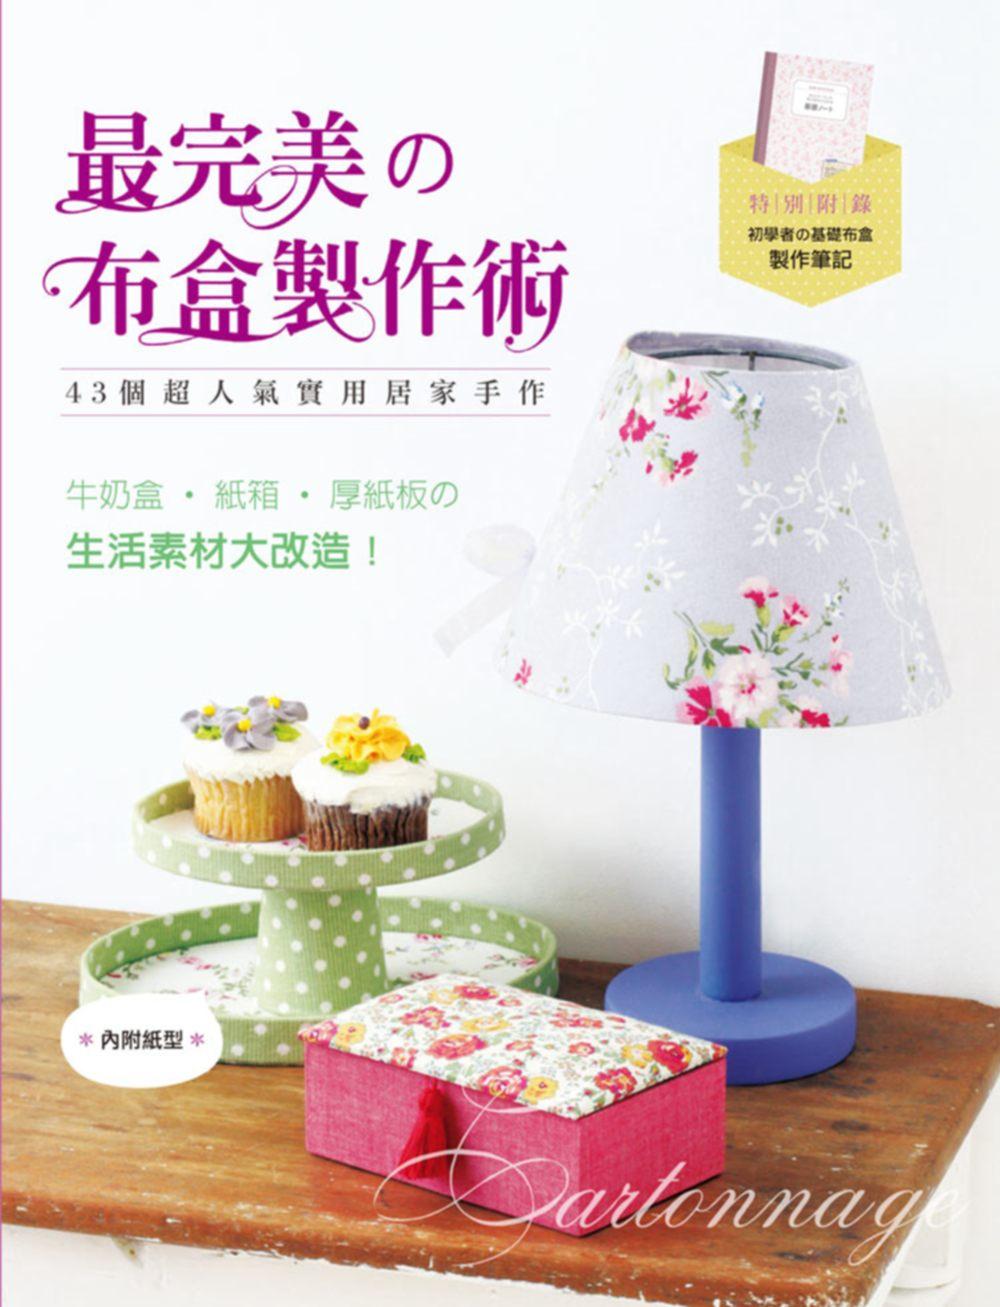 最完美の布盒製作術:43個超 居家手作:牛奶盒×紙箱×厚紙板の 素材大改造^!